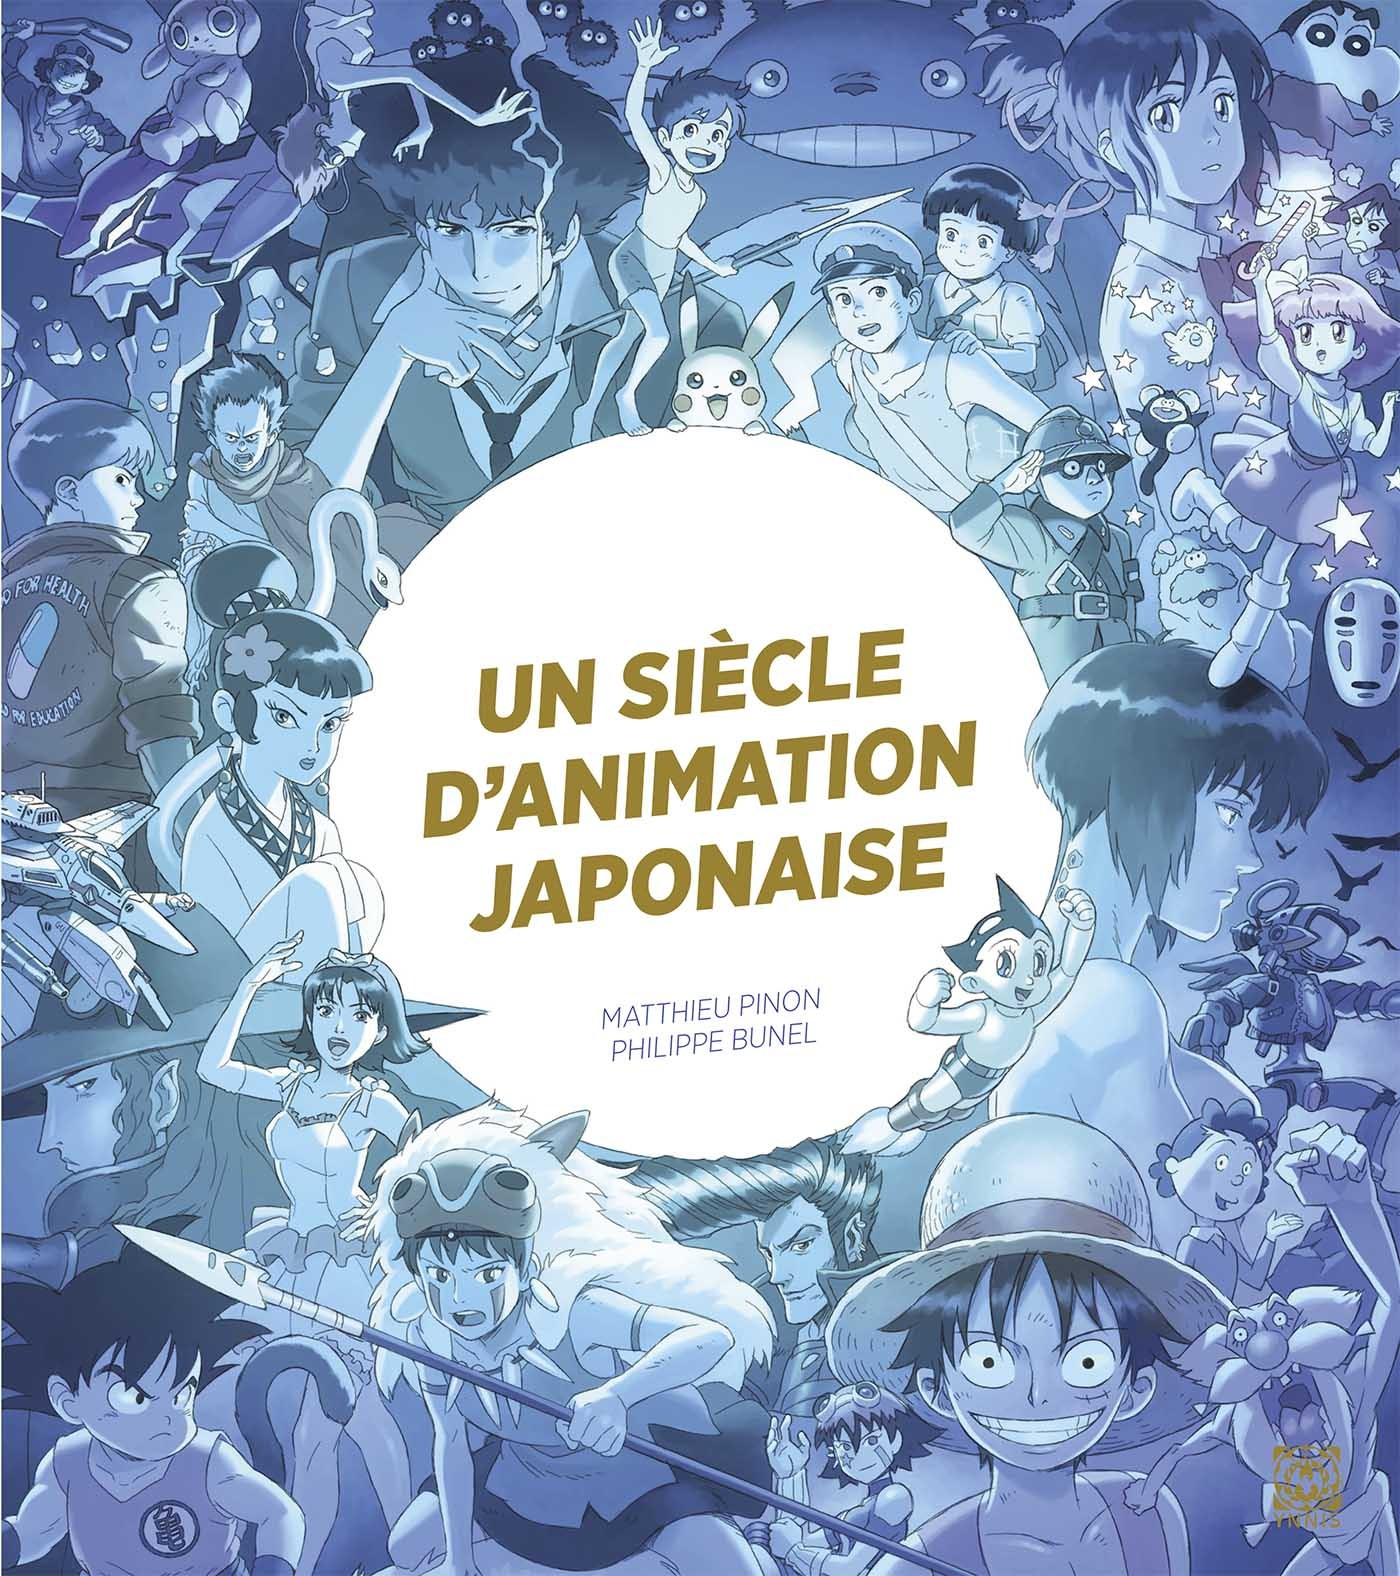 1 SIECLE D'ANIMATION JAPONAISE